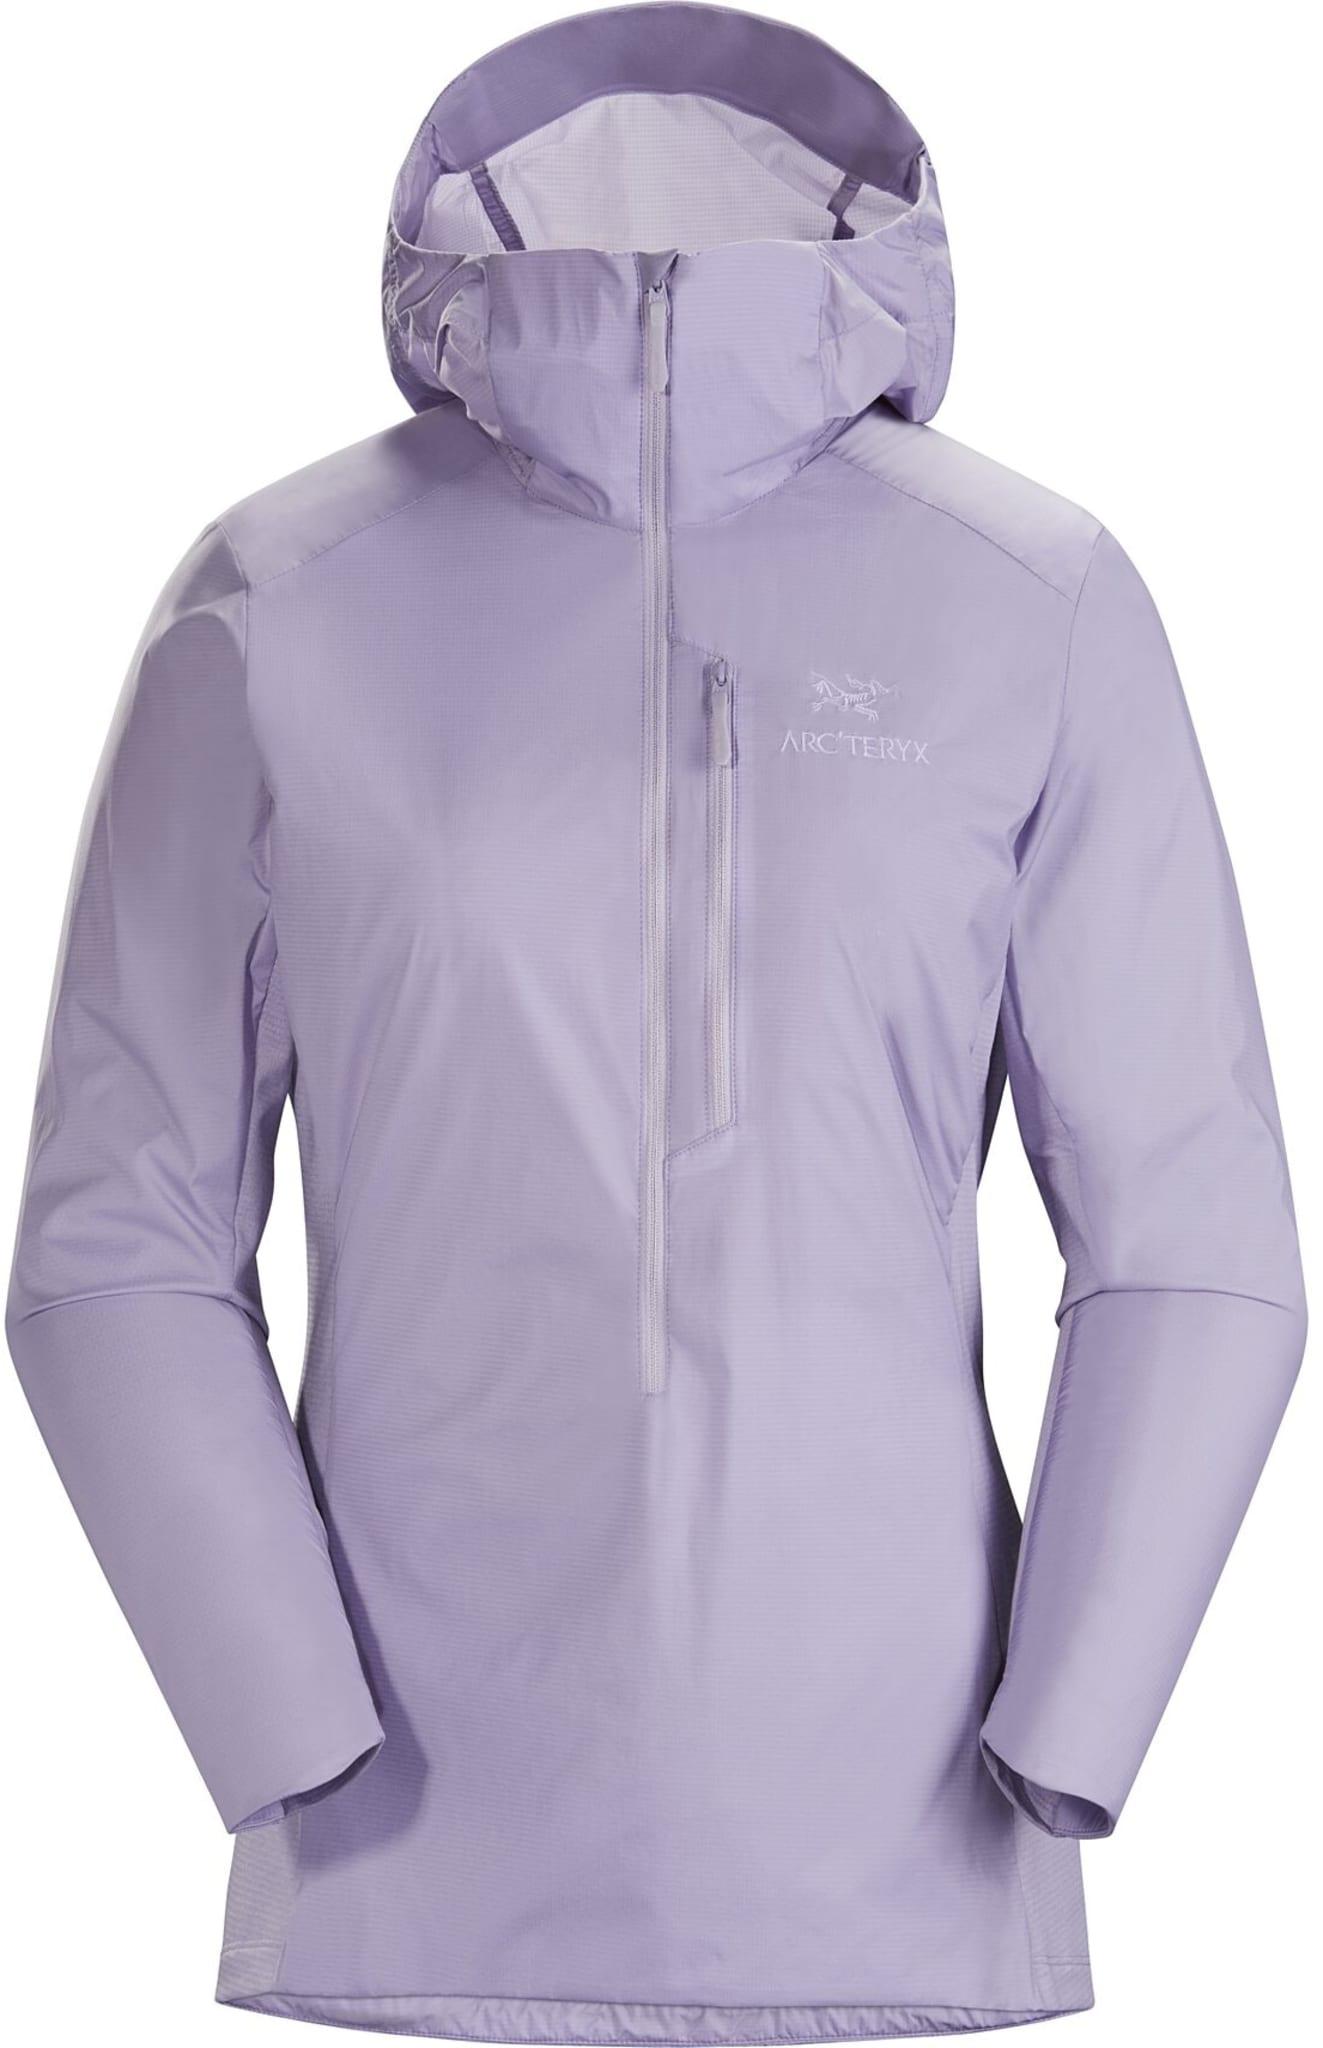 Lett og beskyttende jakke